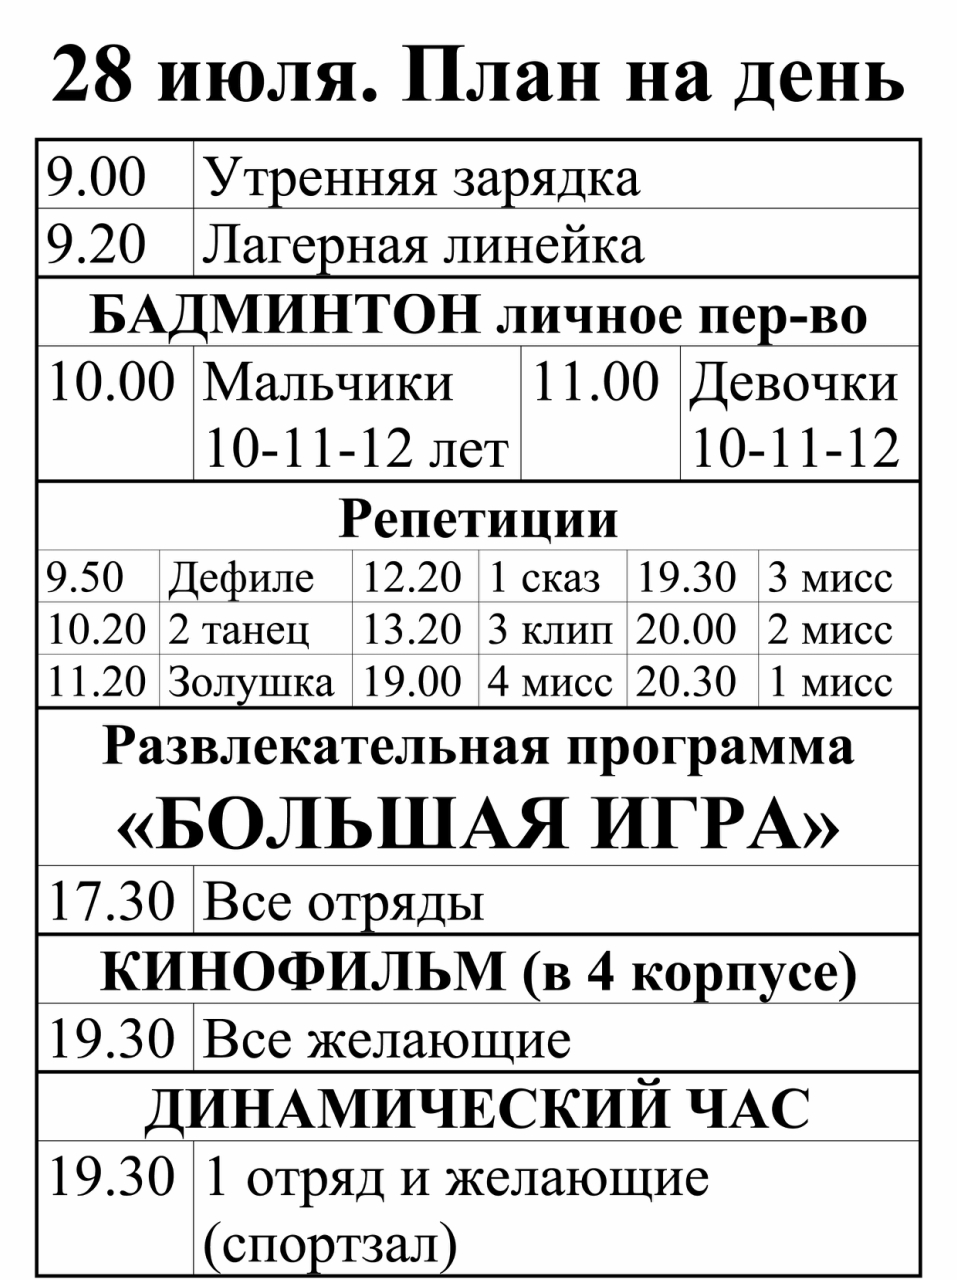 28-июля-план-на-день.jpg